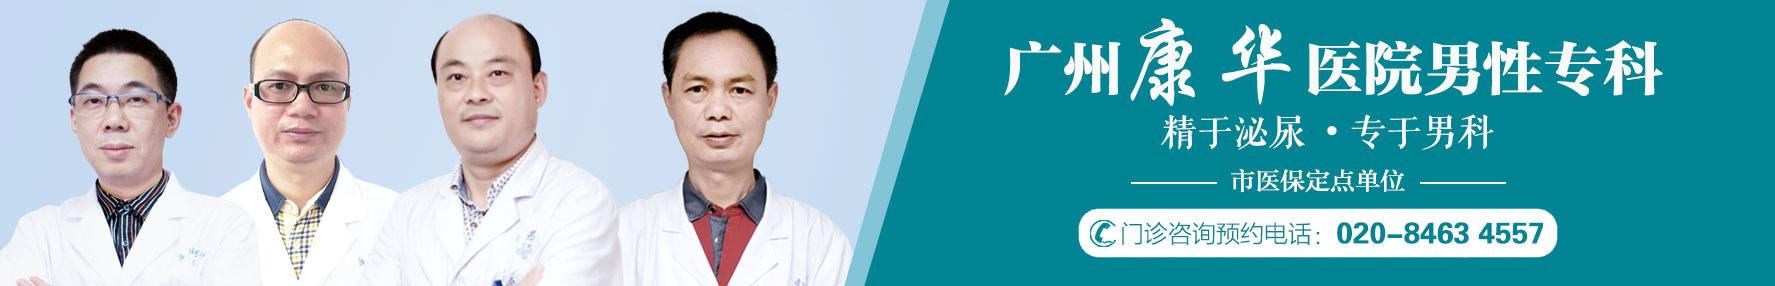 广州康华医院在线预约咨询平台